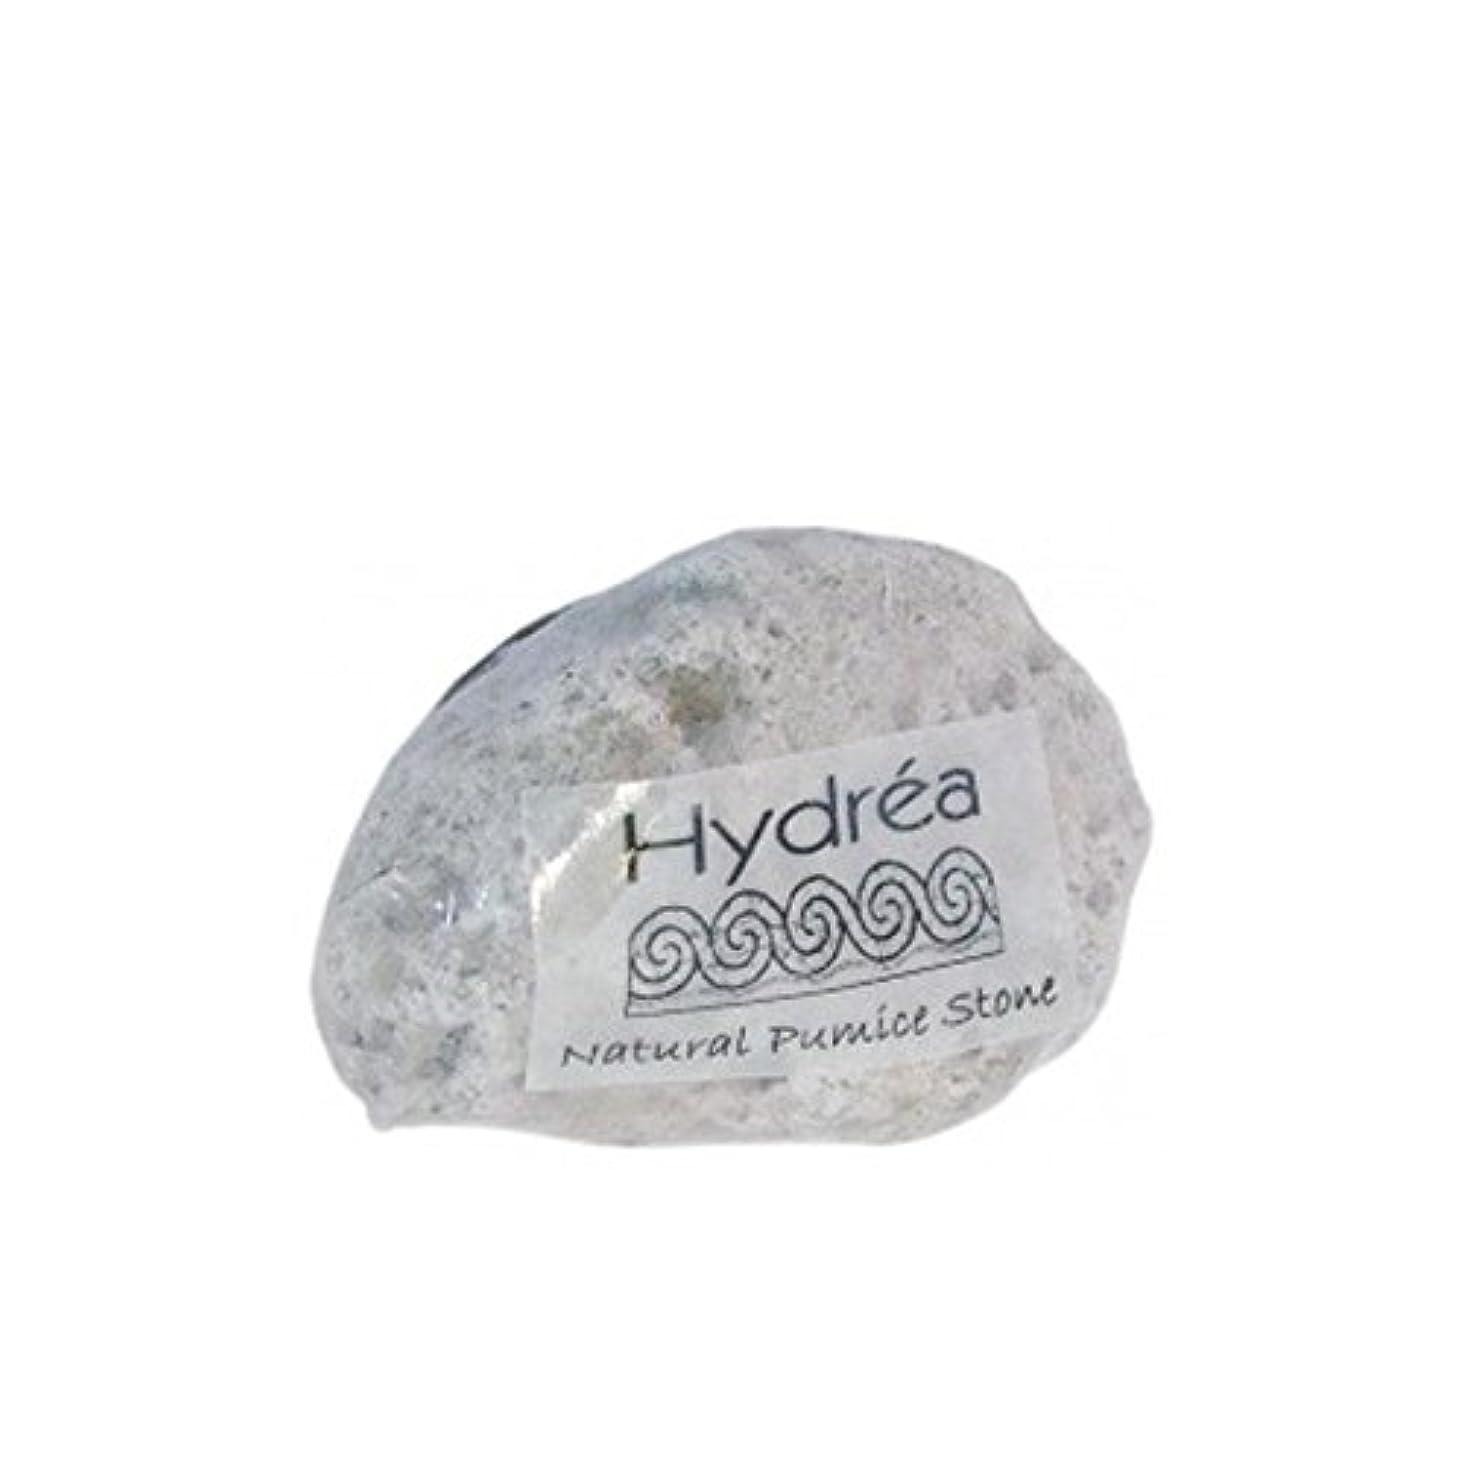 モノグラフ予知コートHydrea London - Natural Pumice Stone - ハイドレアロンドン - 自然軽石 [並行輸入品]